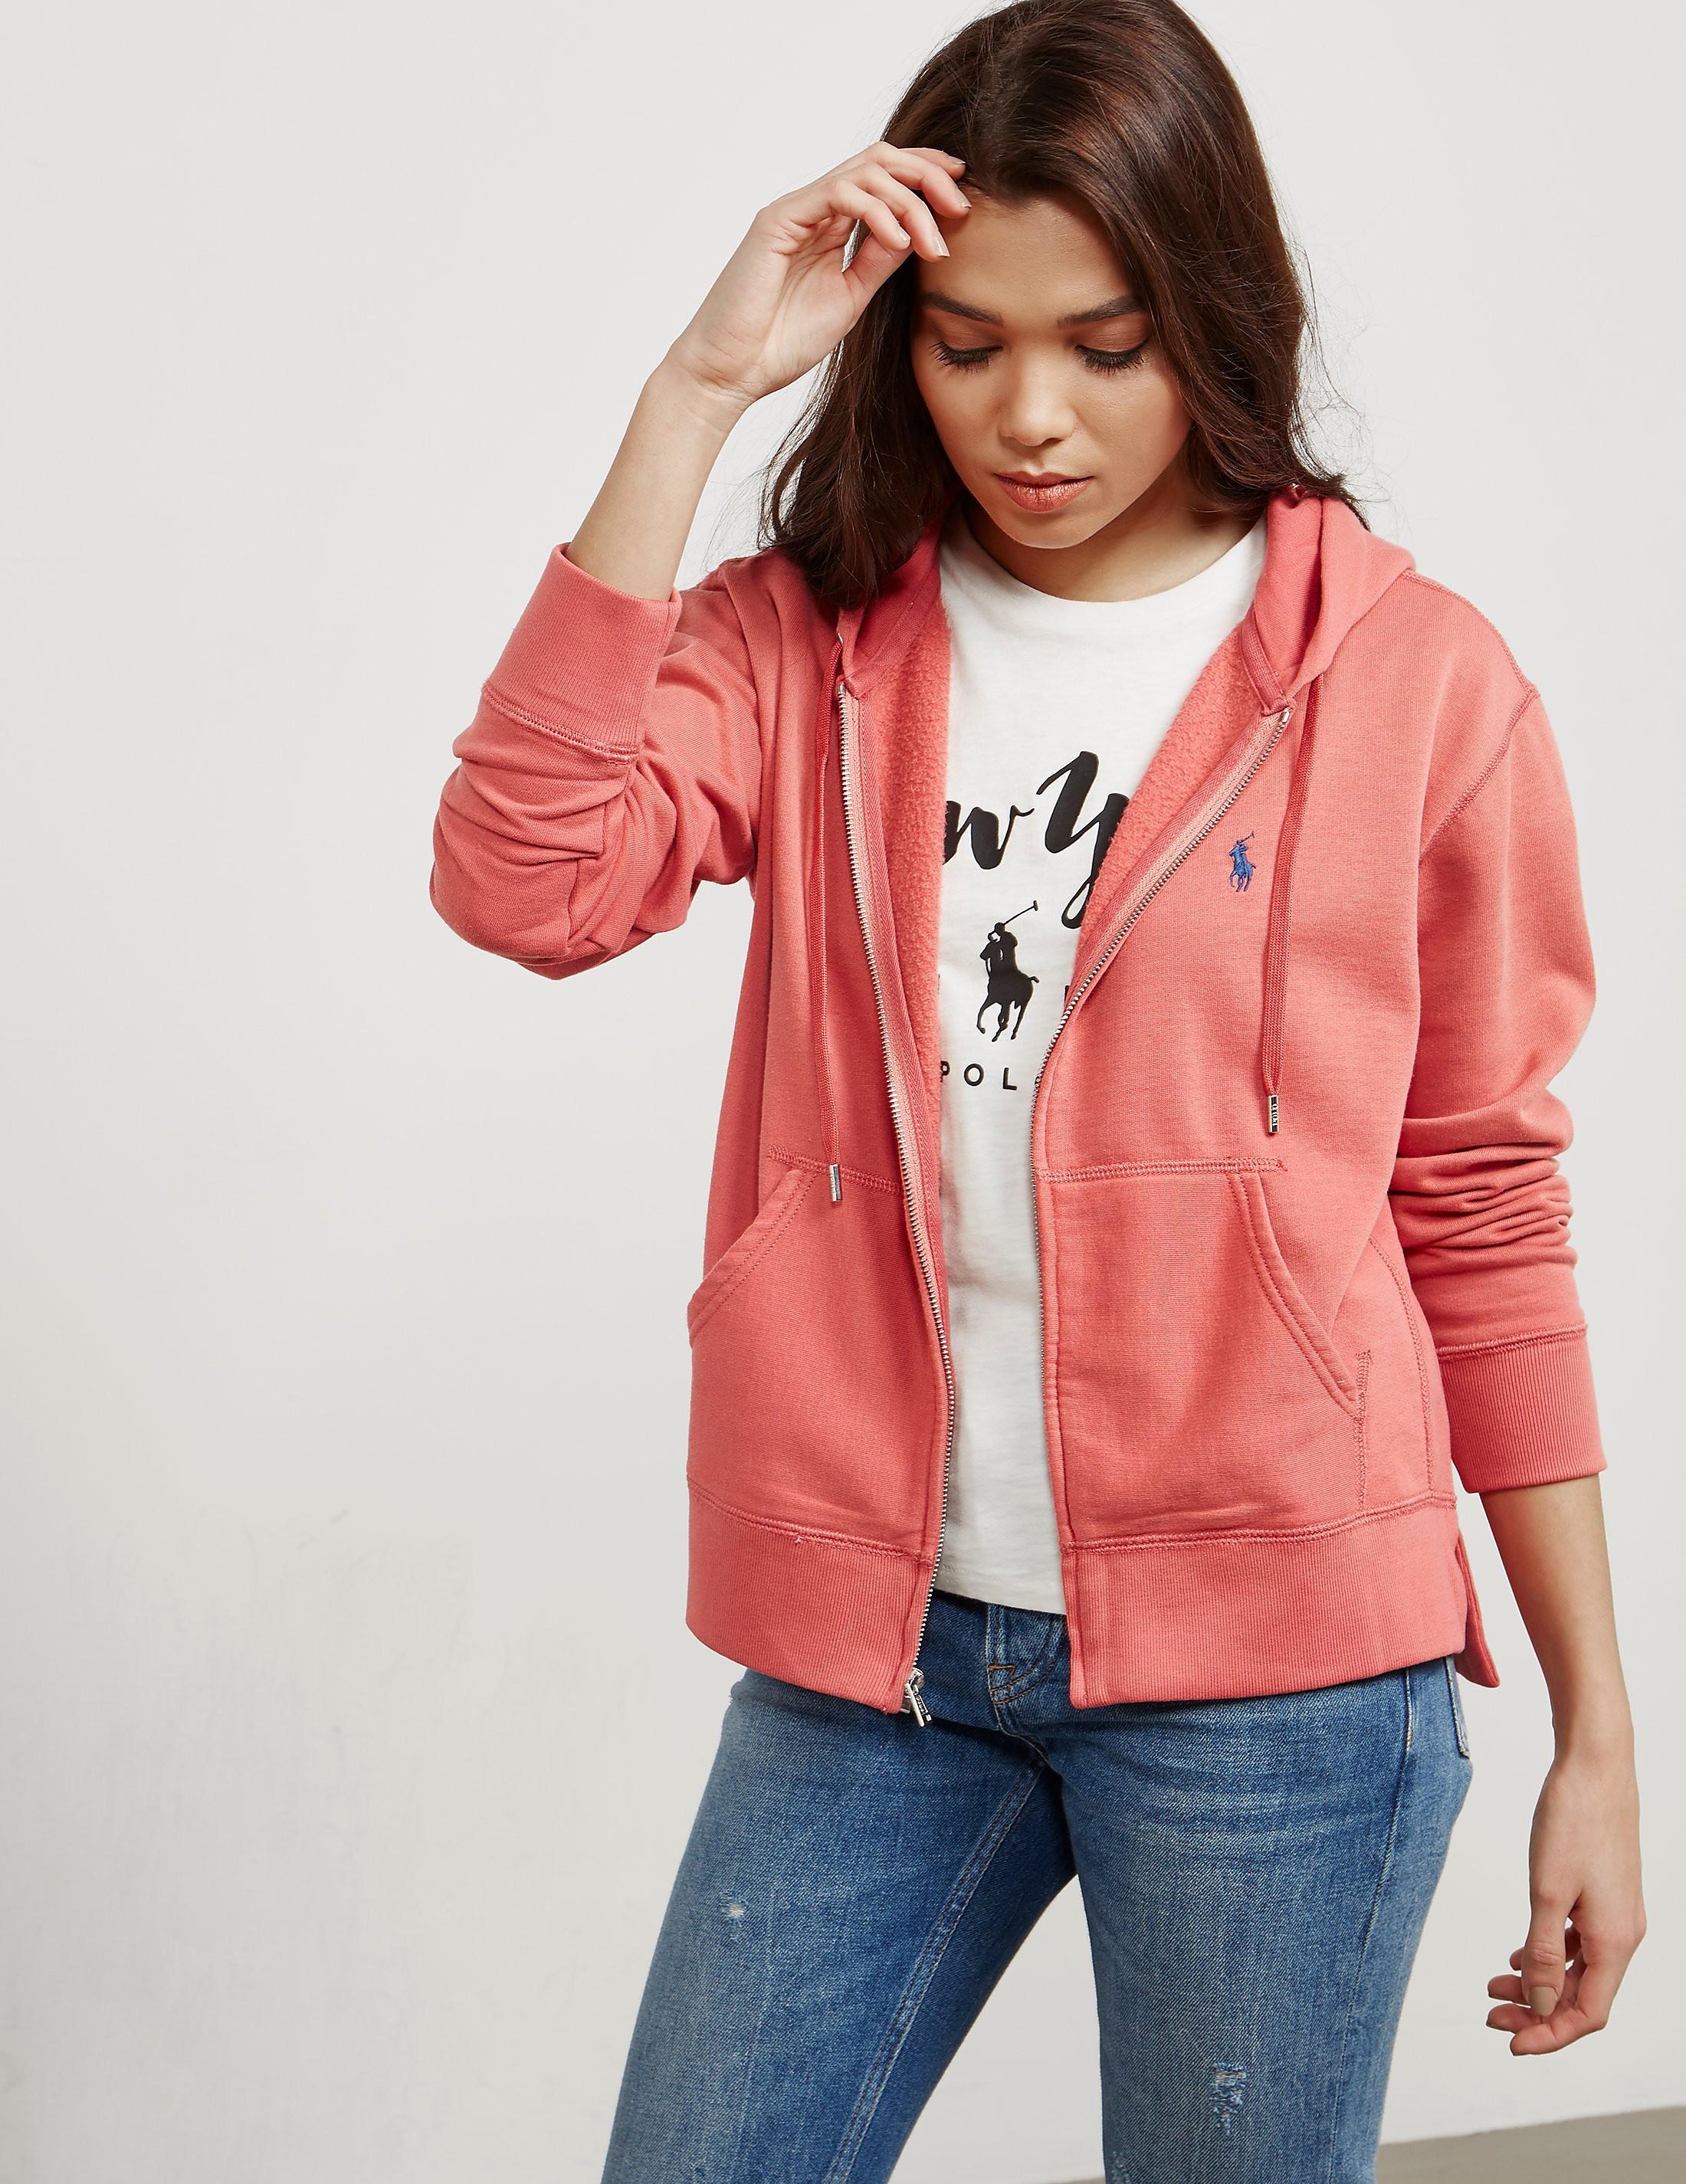 Polo Ralph Lauren Full Zip Hoodie - Online Exclusive